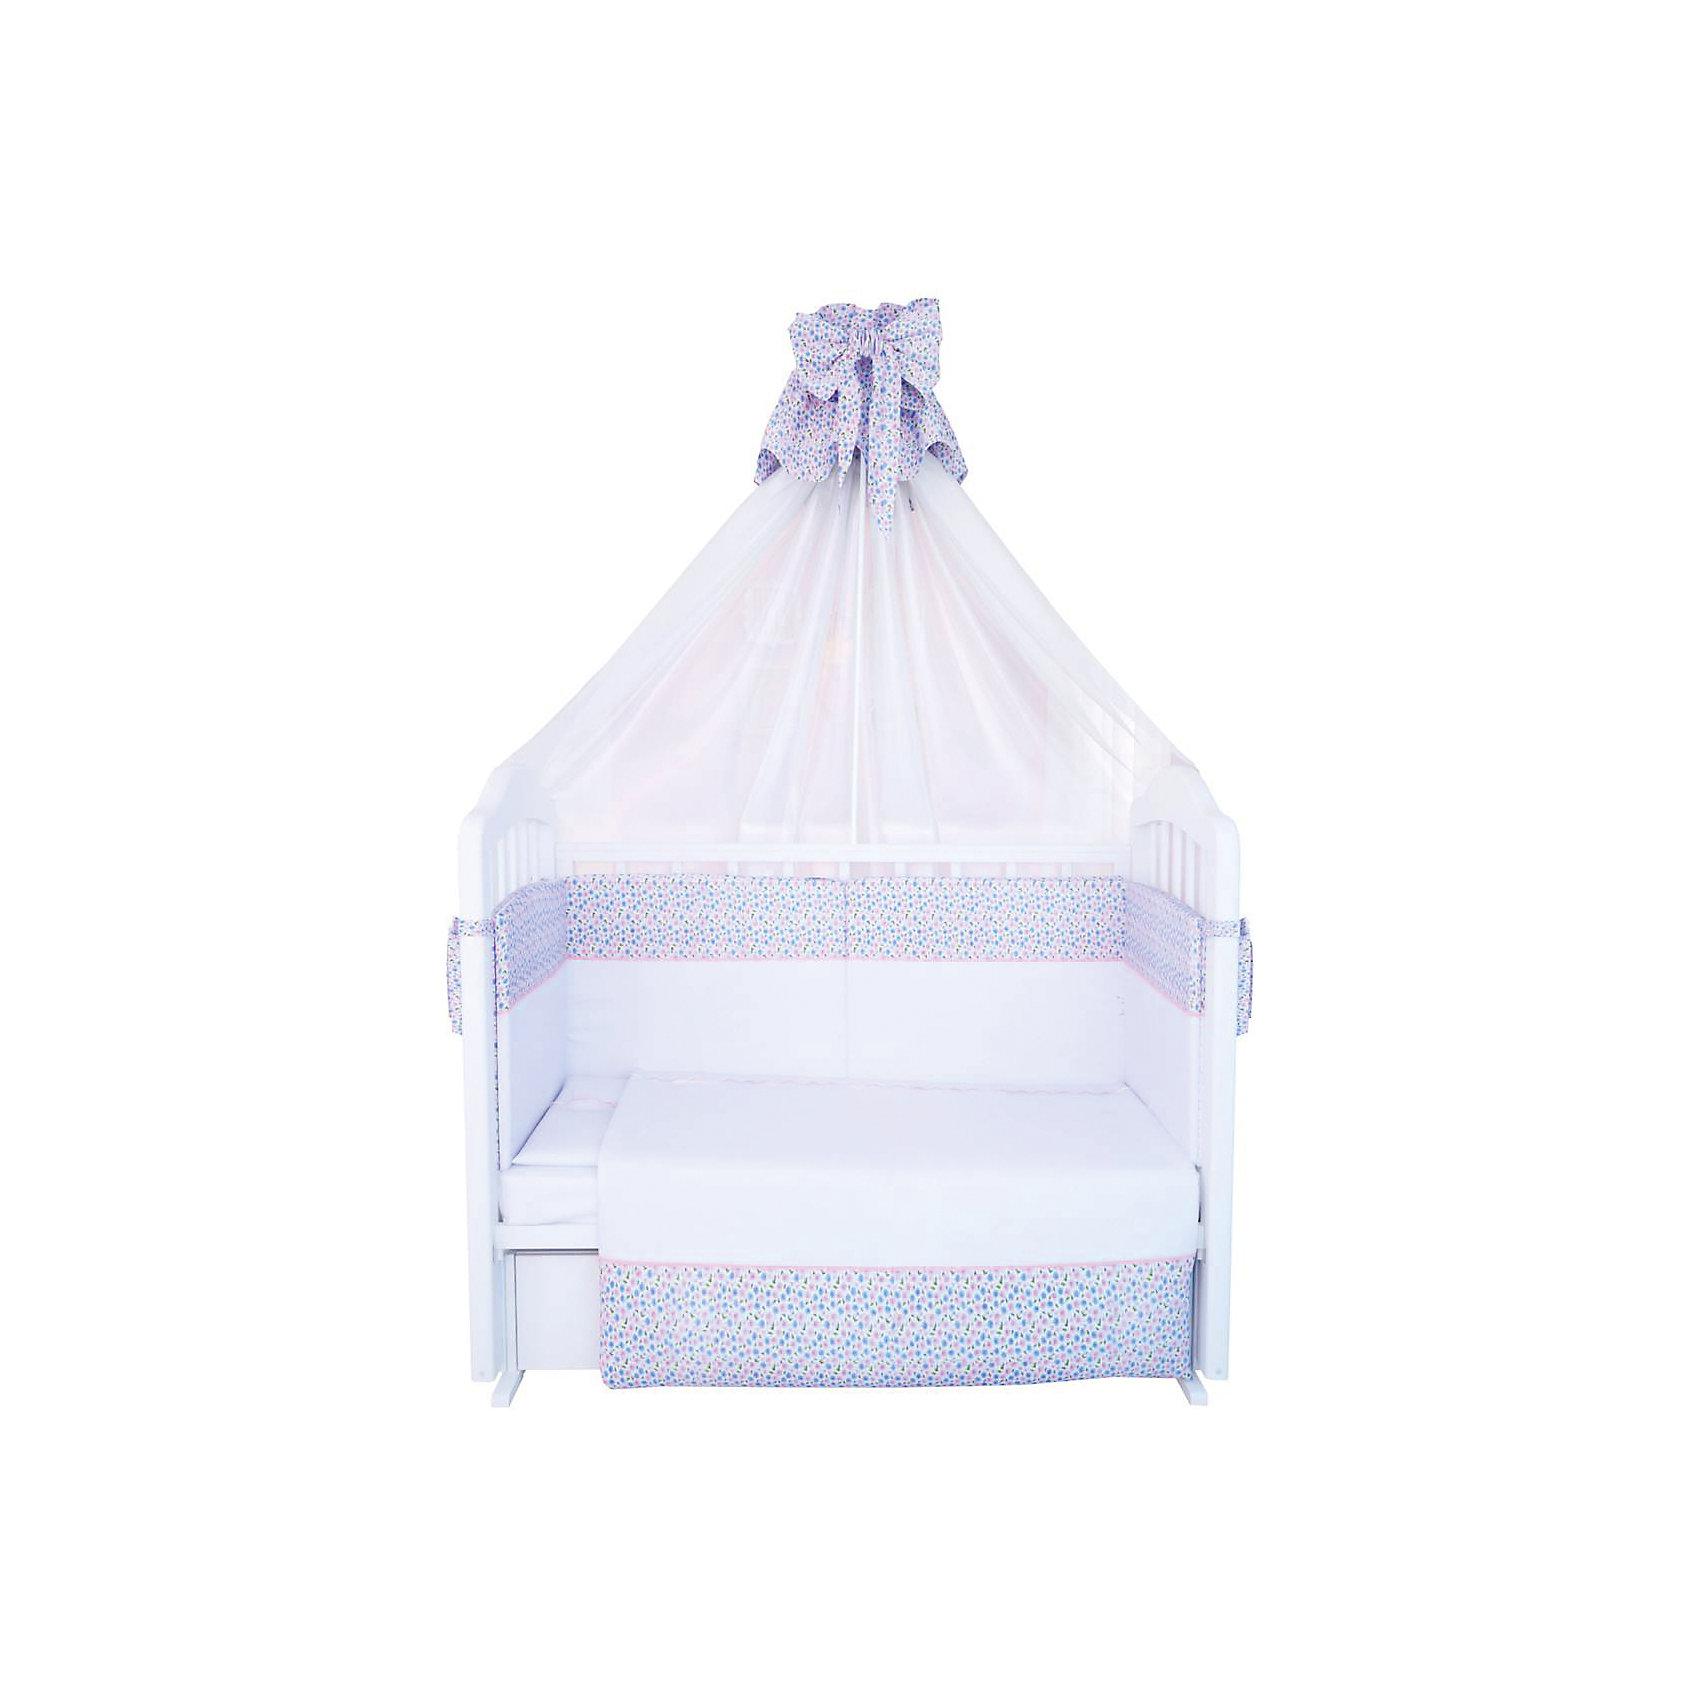 Постельное белье Очарование 7 пред., ФеяХорошее постельное белье для детей делается из натуральных материалов. Этот комплект, состоящий из мягкого борта, балдахина, подушки, наволочки, одеяла, пододеяльника и простынки, сшит из хлопка, гипоаллергенного, приятного на ощупь и позволяющего коже дышать. Наполнитель - холлофайбер - обеспечит малышу комфорт и тепло.<br>Все предметы из набора - стандартных размеров, отлично подойдут к обычной кроватке. Простыня - на резинке, это поможет обеспечить малышу комфорт на всю ночь. Комплект украшен вставками из ткани с принтом - на нем малышу будет приятно засыпать! Симпатичная расцветка комплекта отлично подойдет к интерьеру детской.<br><br>Дополнительная информация:<br><br>цвет: белый, принт;<br>материал: 100% хлопок, вуаль, холлофайбер;<br>мягкий: 360 х 35 см;<br>балдахин: 150 х 300 см;<br>подушка: 40 х 60 см; <br>наволочка: 60 х 40 см;<br>одеяло: 110 х 140 см;<br>пододеяльник: 110 х 140 см;<br>простыня на резинке: 120 х 60 см.<br><br>Постельное белье Очарование 7 пред., торговой марки Фея можно купить в нашем магазине.<br><br>Ширина мм: 500<br>Глубина мм: 600<br>Высота мм: 100<br>Вес г: 3200<br>Возраст от месяцев: 0<br>Возраст до месяцев: 36<br>Пол: Унисекс<br>Возраст: Детский<br>SKU: 4873640